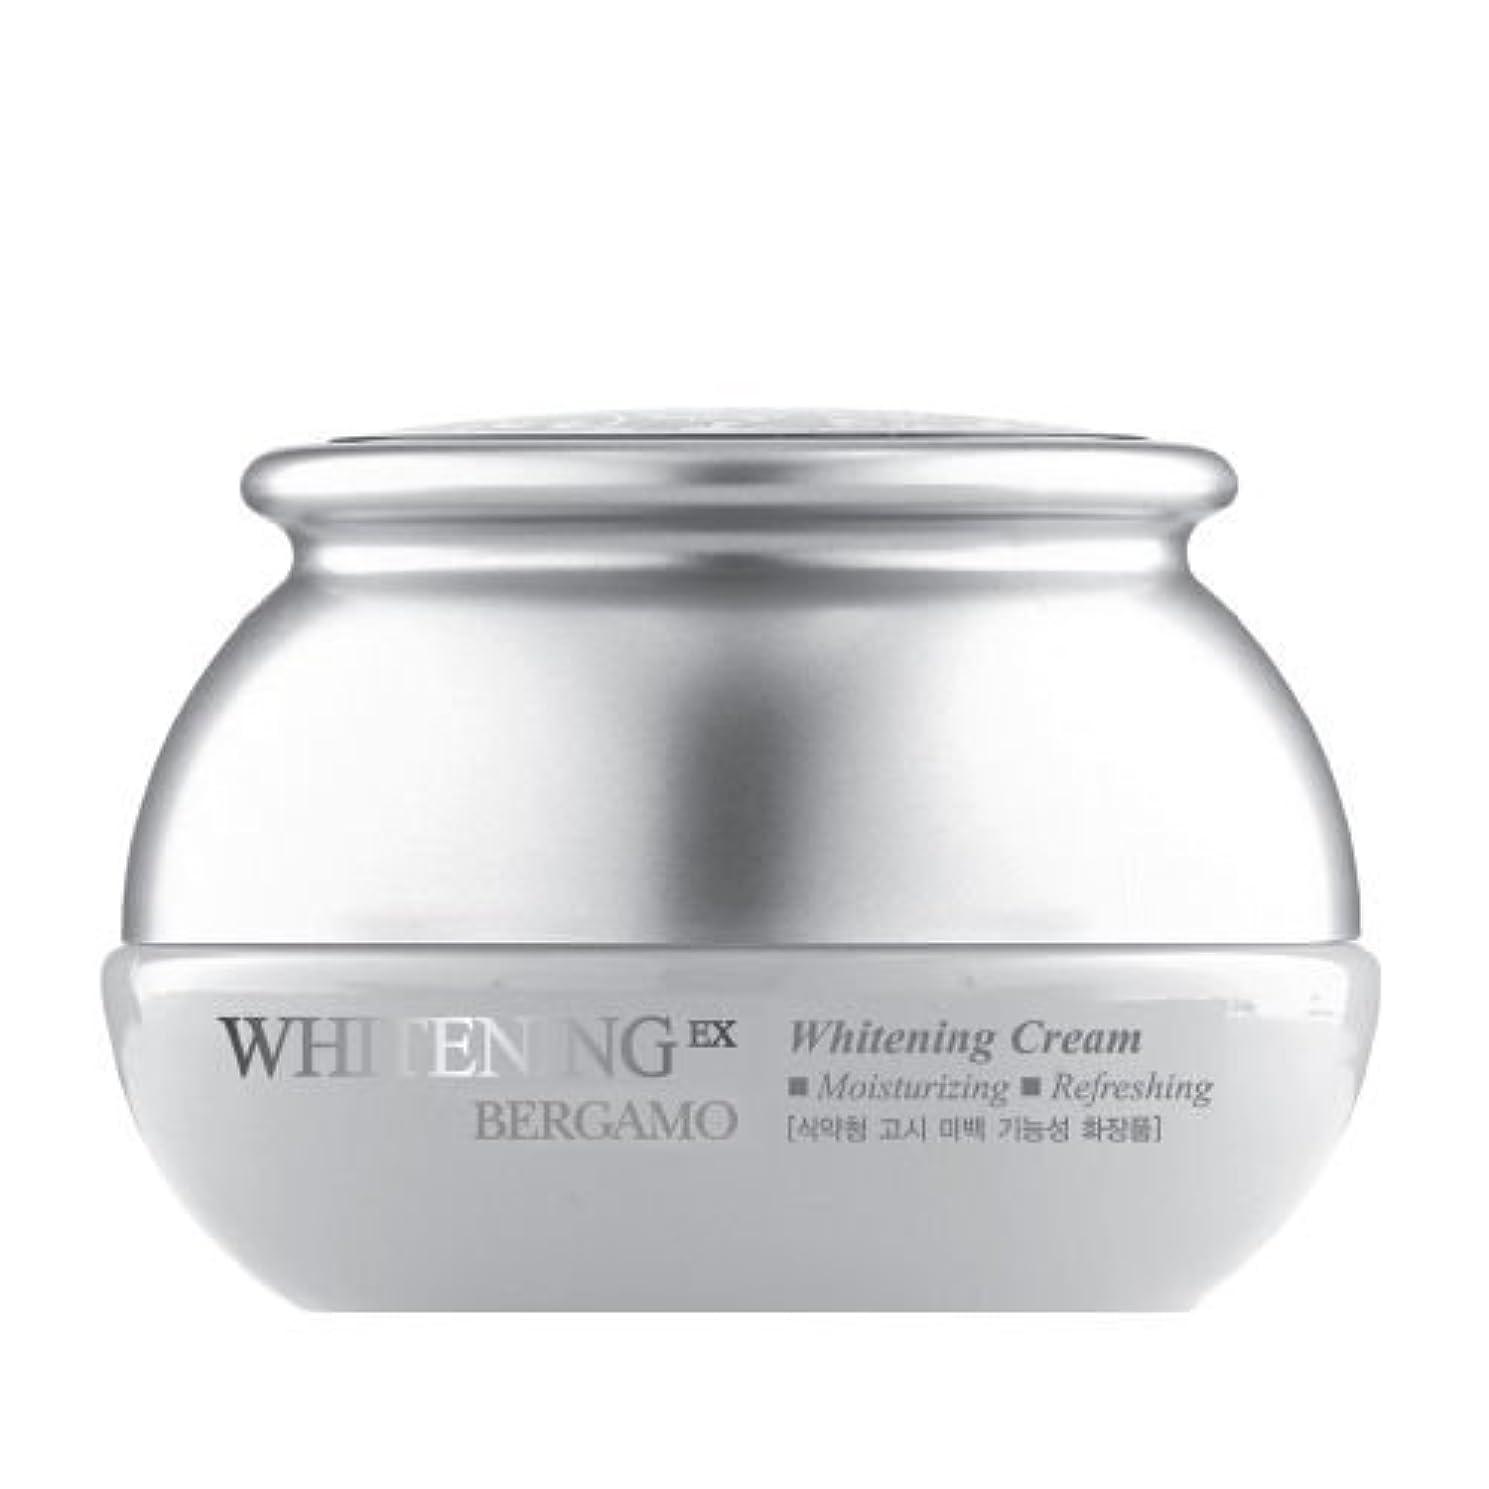 頑張る首相障害ベルガモ[韓国コスメBergamo]Whitening EX Wrinkle Care Cream ホワイトニングEXリンクルケアクリーム50ml しわ管理 [並行輸入品]